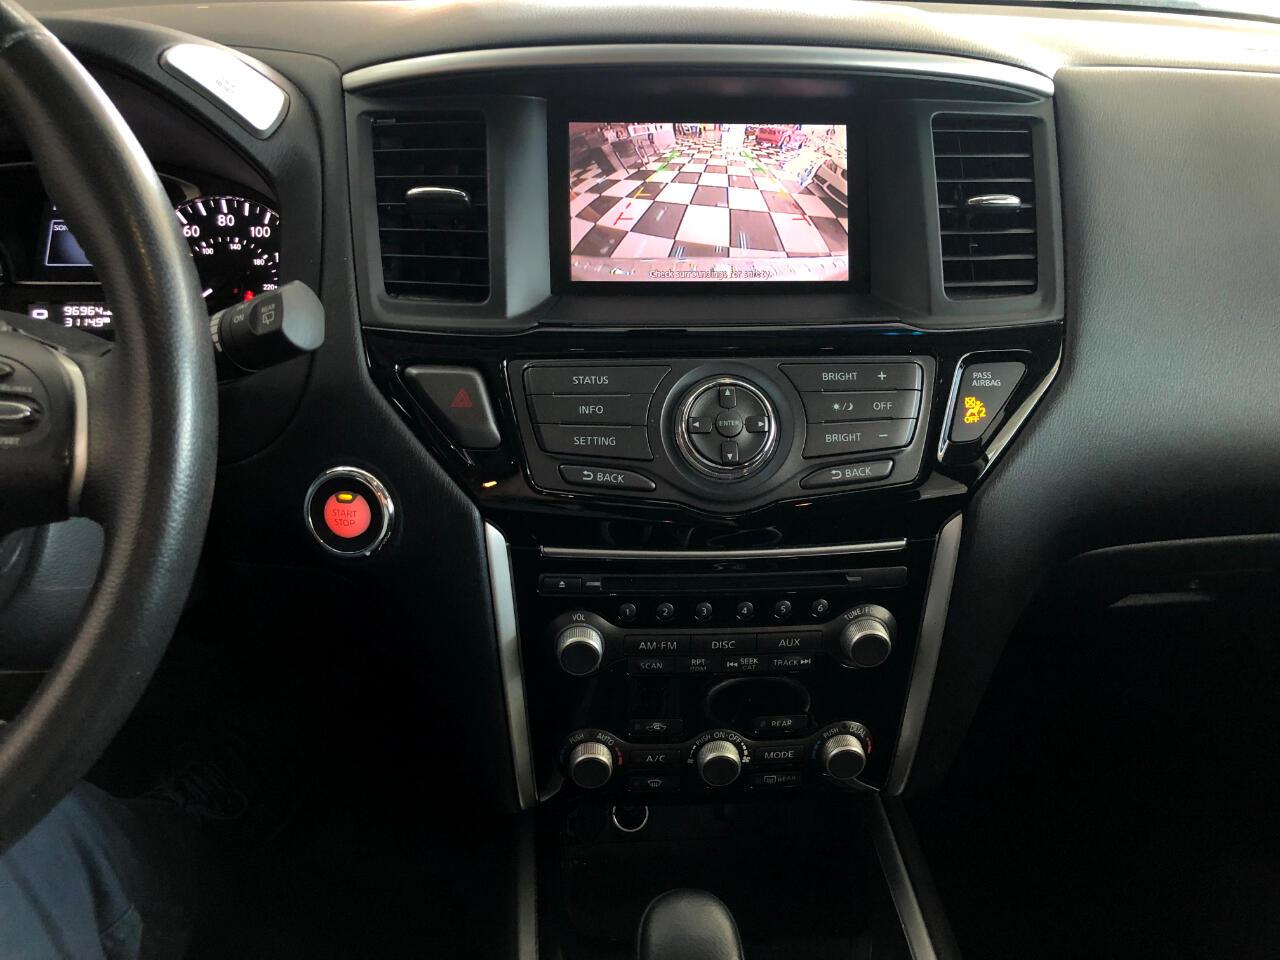 2014 Nissan Pathfinder 2WD 4dr SV Hybrid